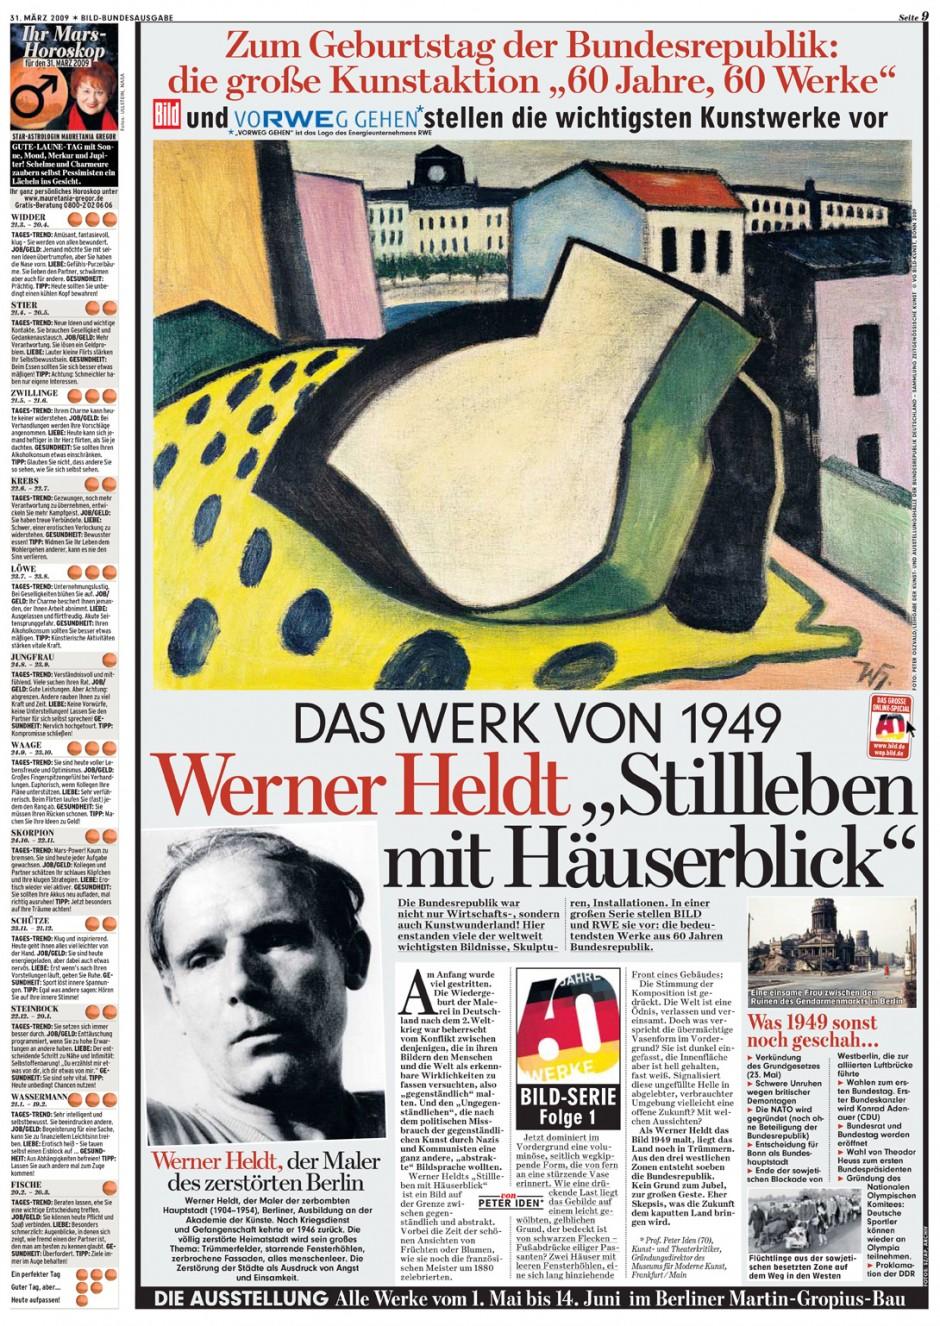 Kunstaktion »60 Jahre, 60 Werke« in der BILD-Zeitung vom 31. März 2009